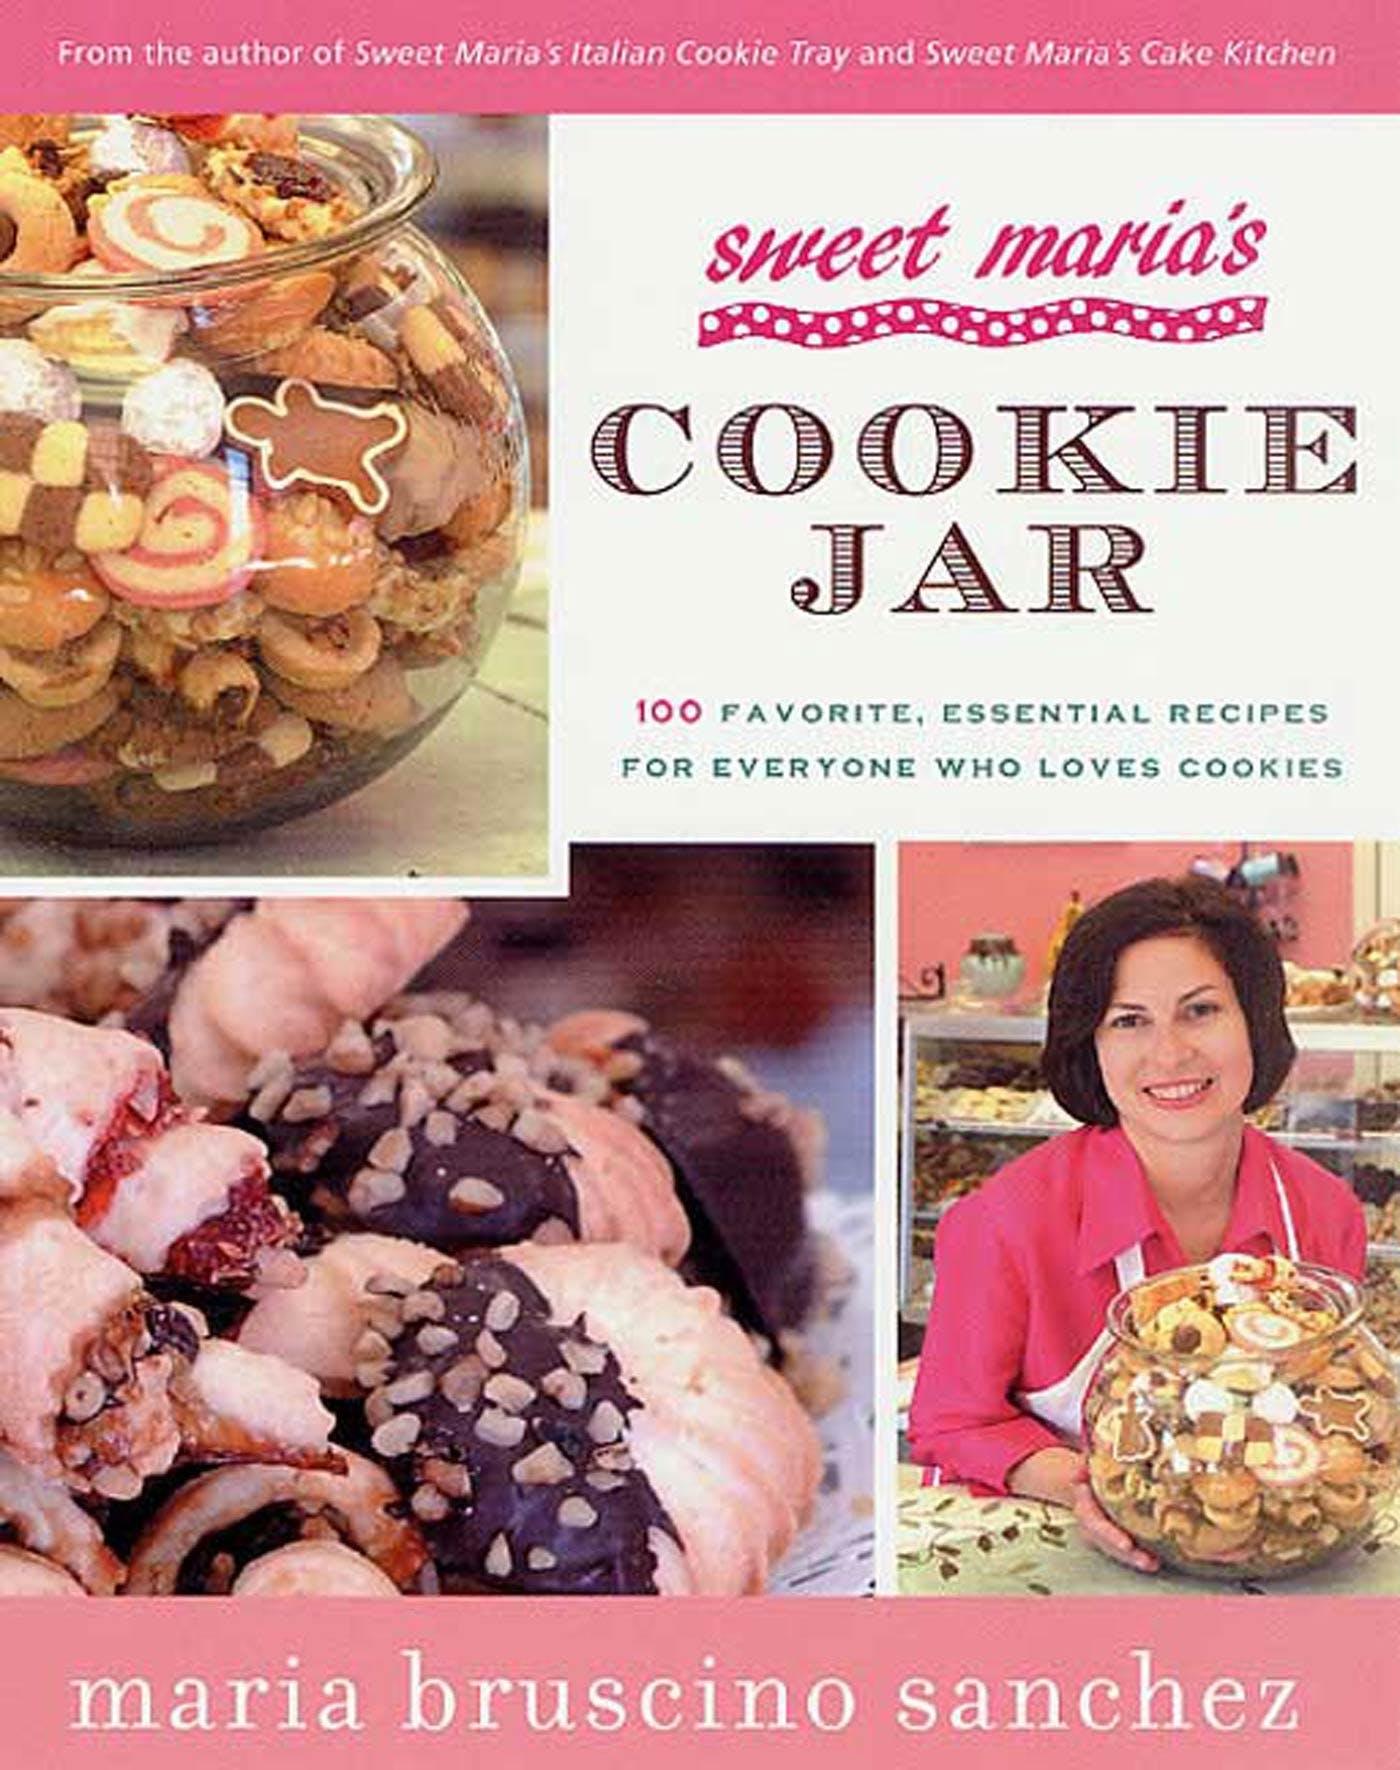 Image of Sweet Maria's Cookie Jar